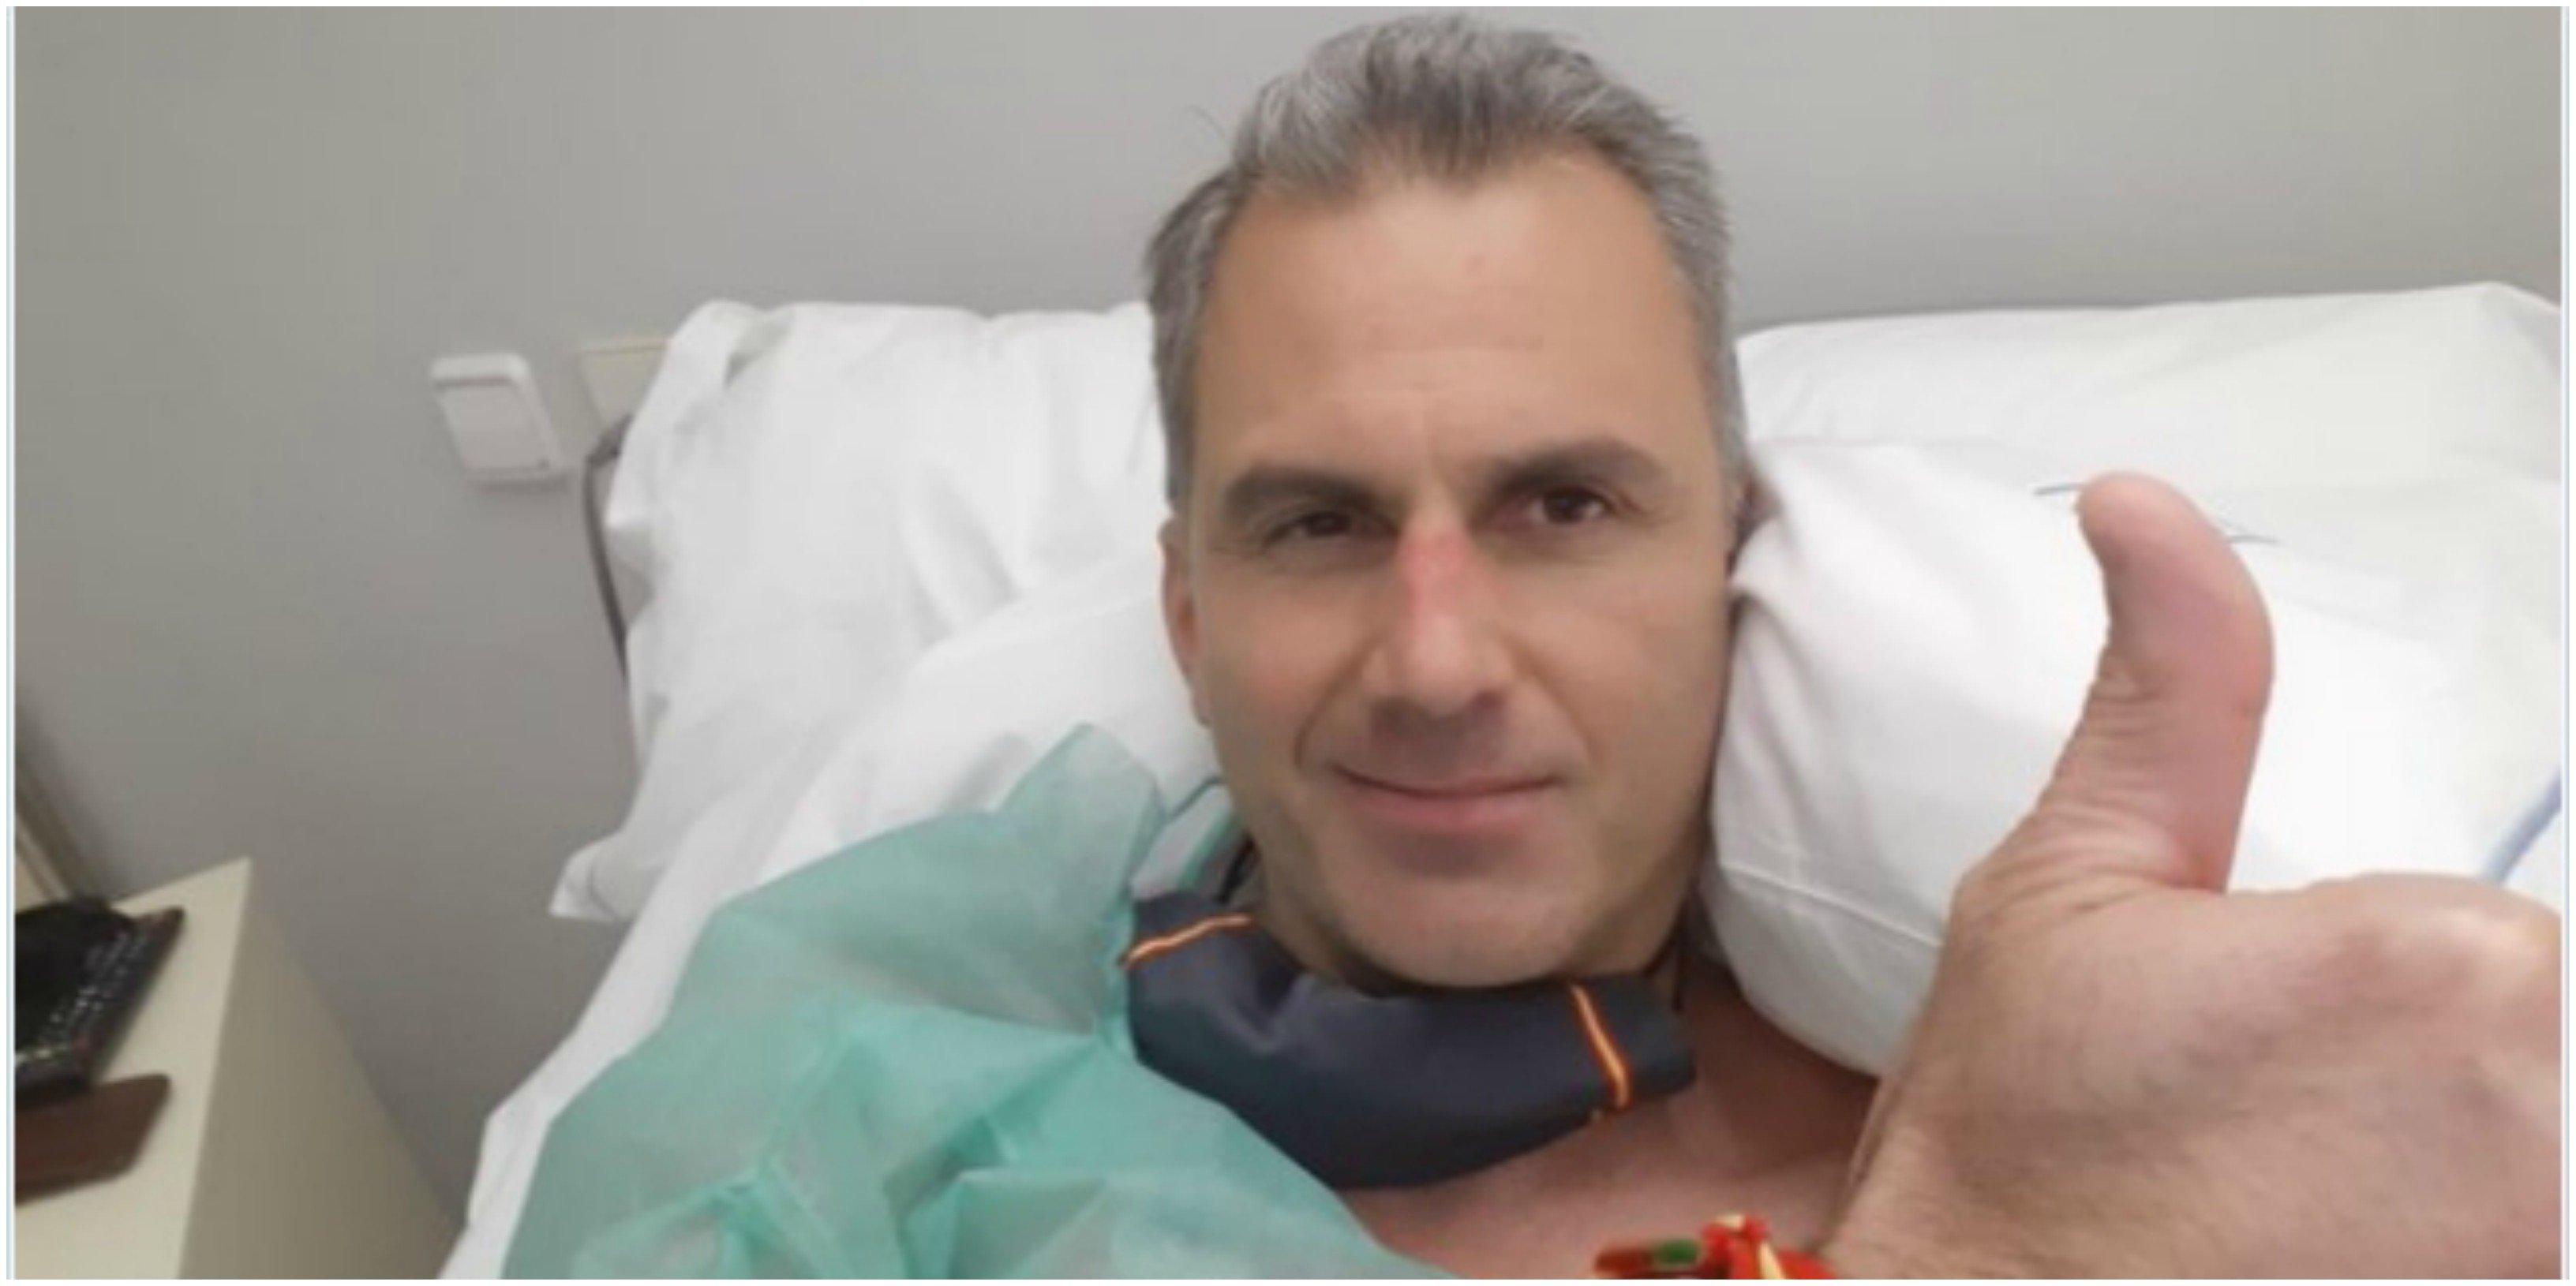 Ortega Smith recae por coronavirus: ingresado por trombos en la pierna y en los pulmones a causa del Covid-19